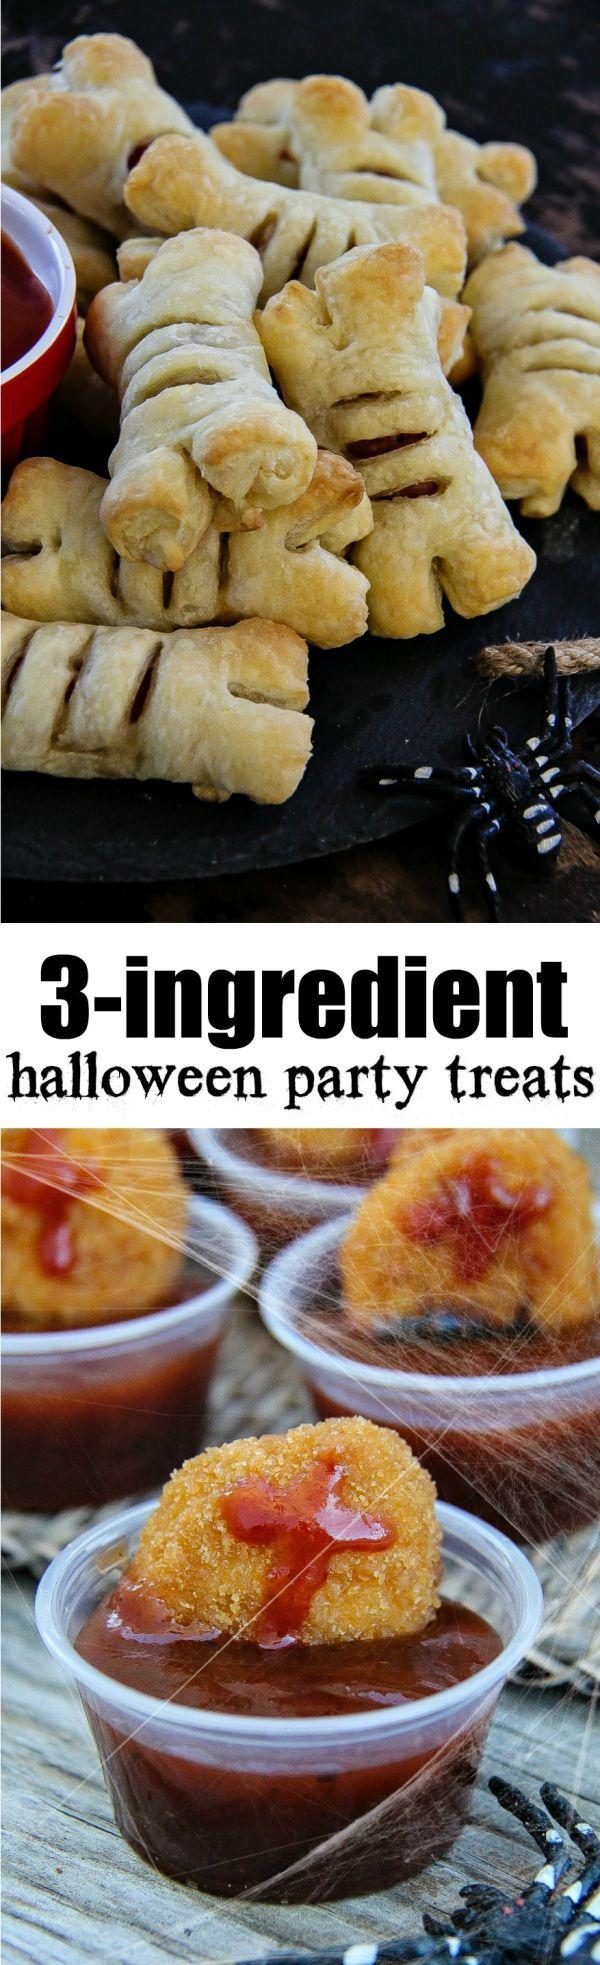 Best 25+ Halloween entertaining ideas on Pinterest | Classy ...